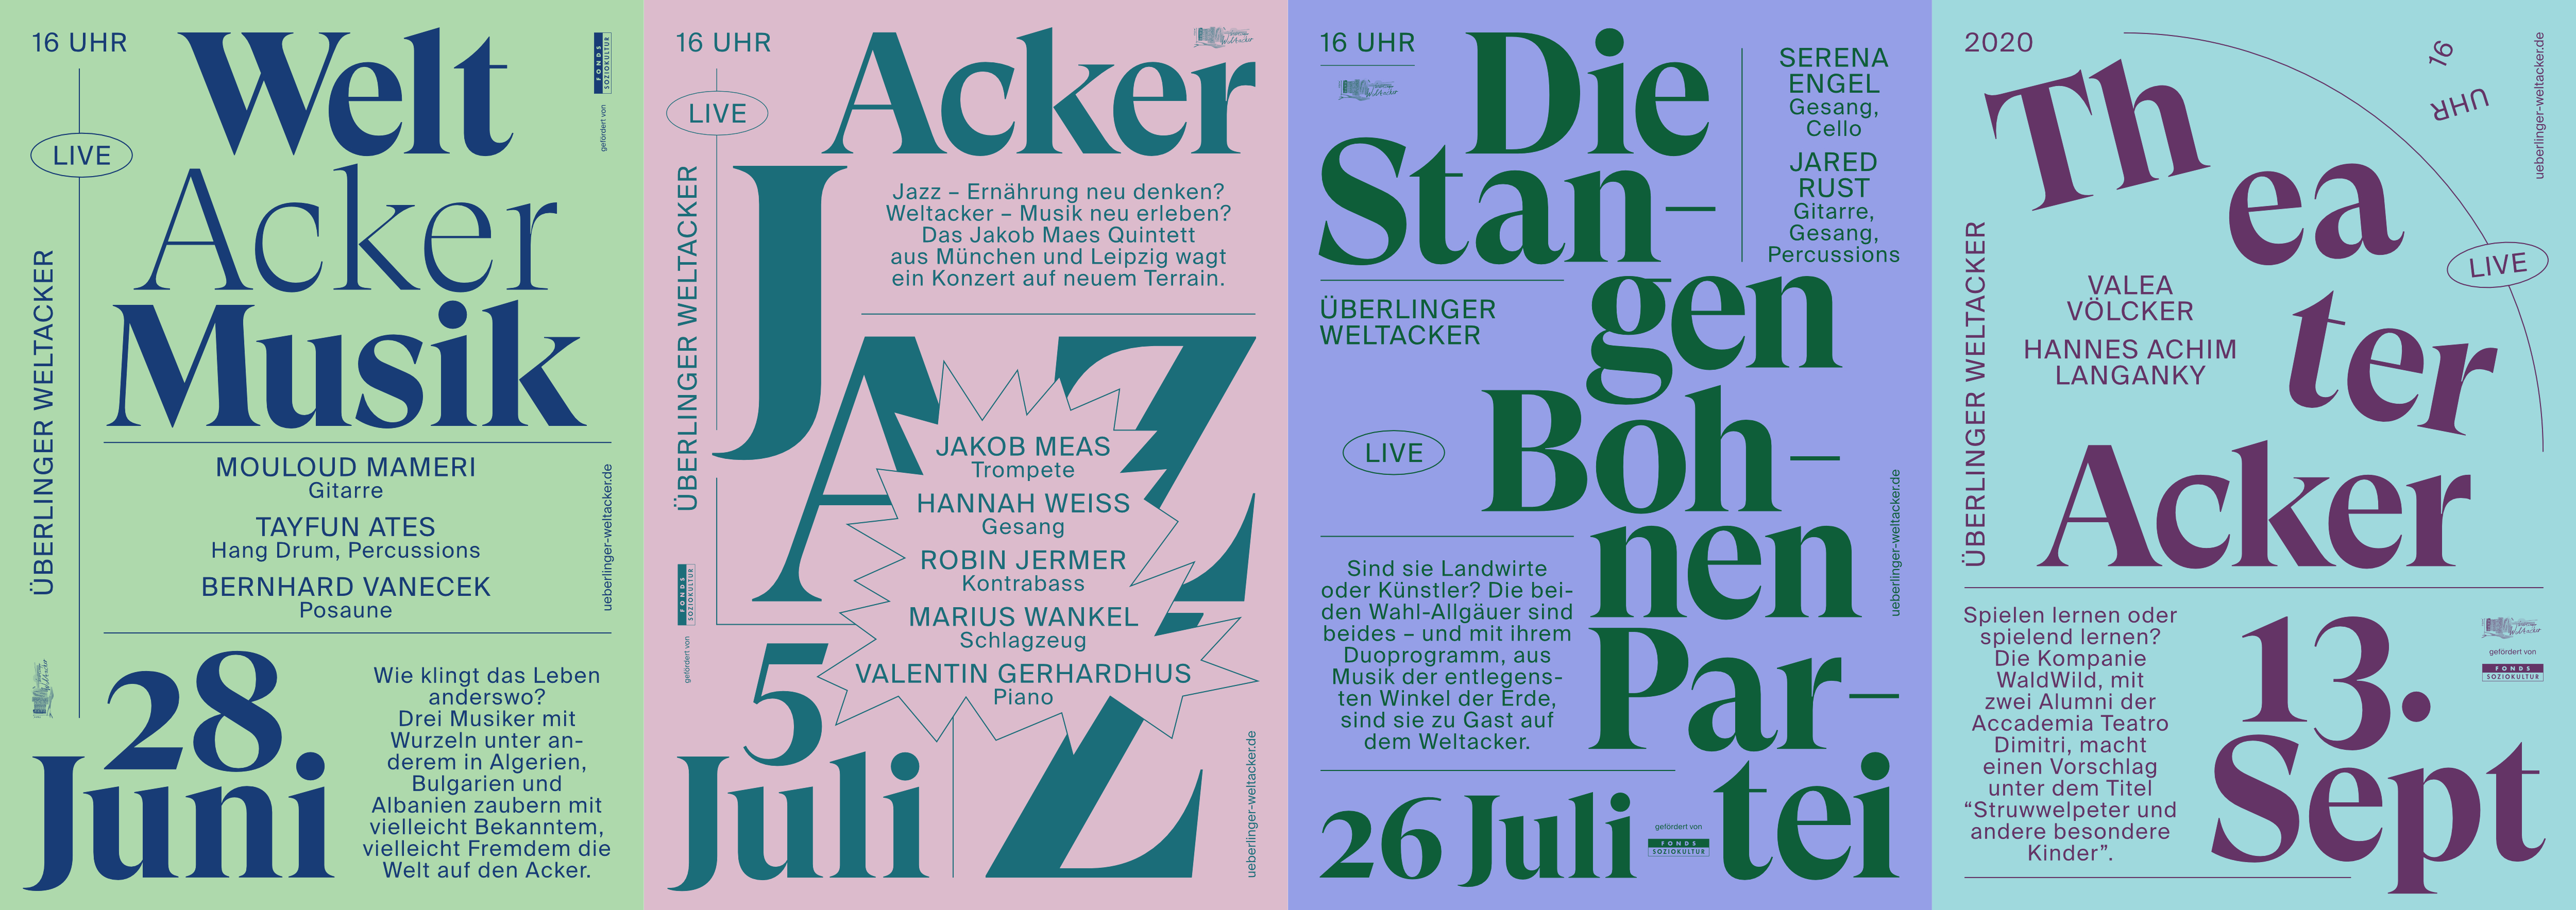 Weltacker Poster Alle Druck-Serie